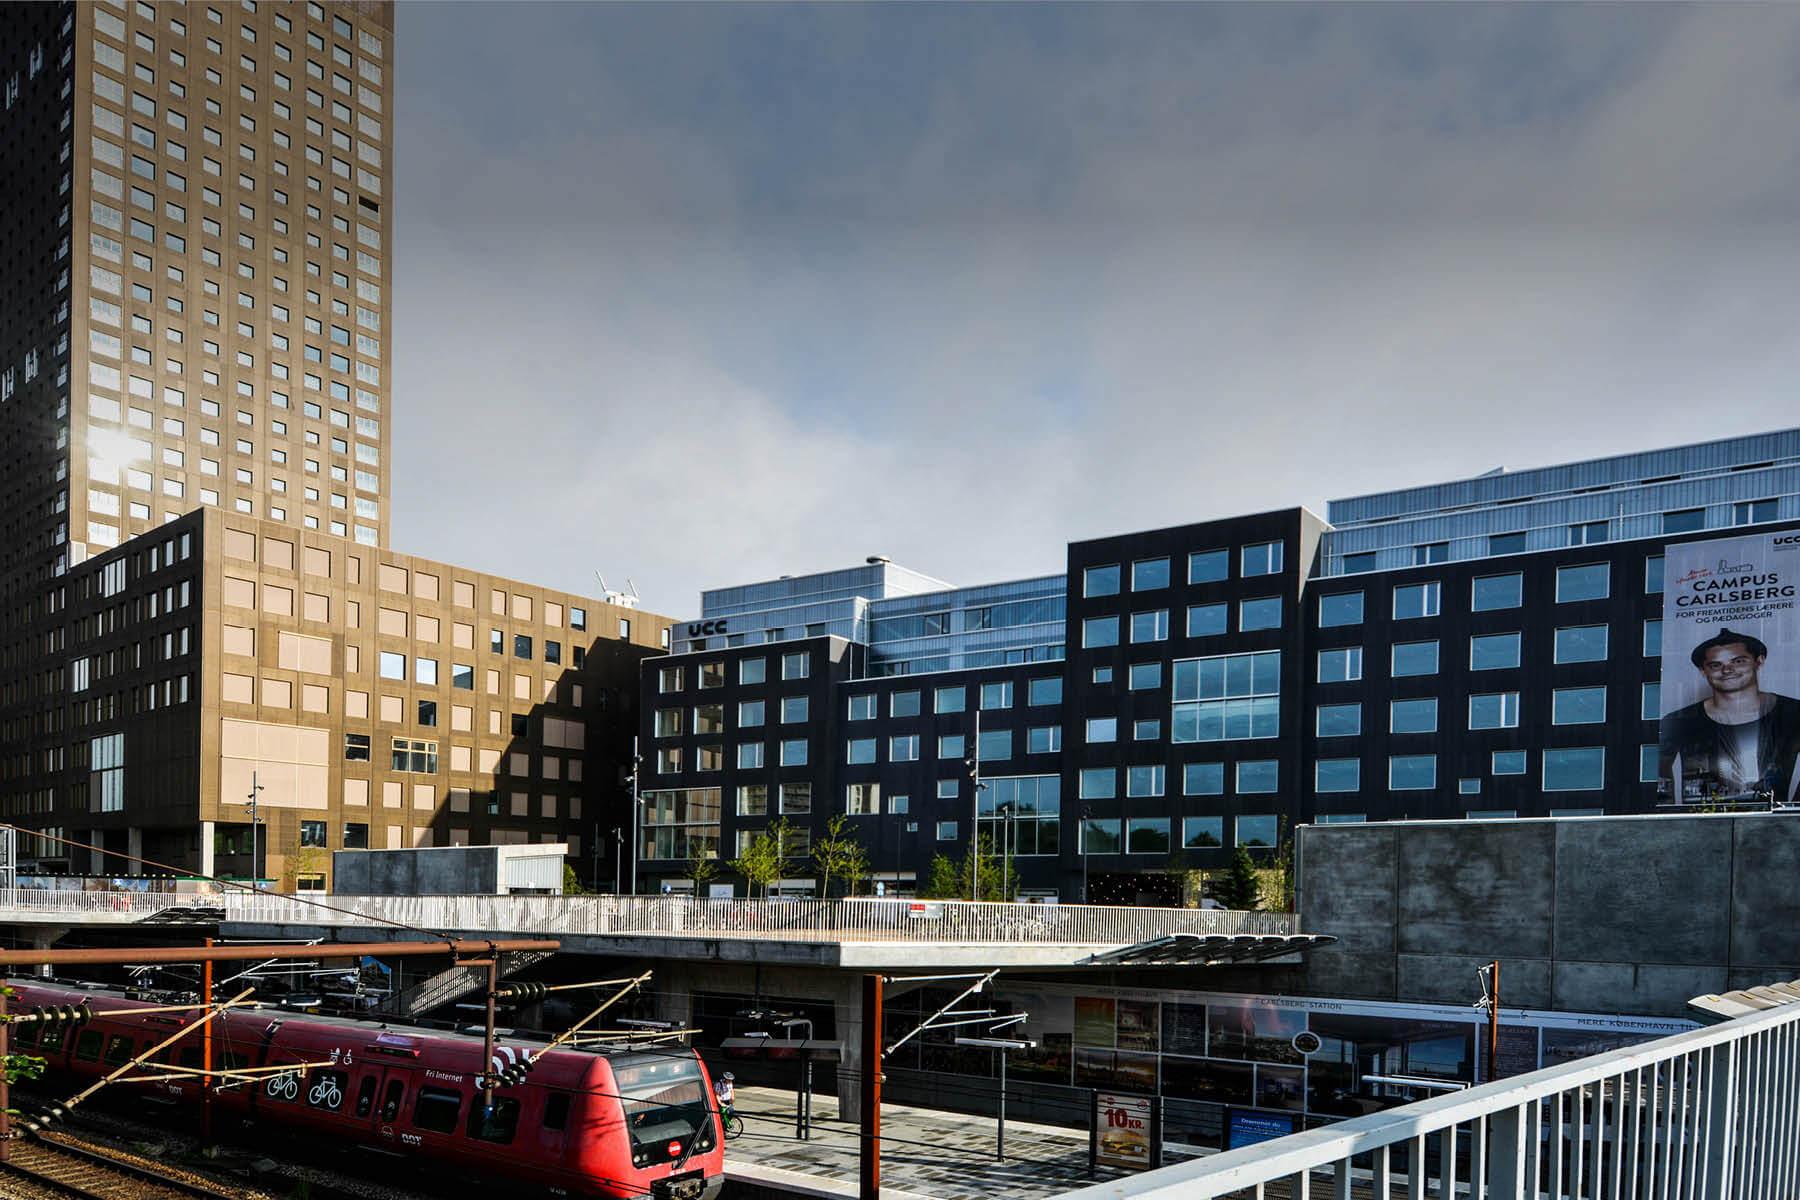 Campus Carlsberg ses fra siden der vender ned mod Carlsberg station, hvor der holder et s-tog.